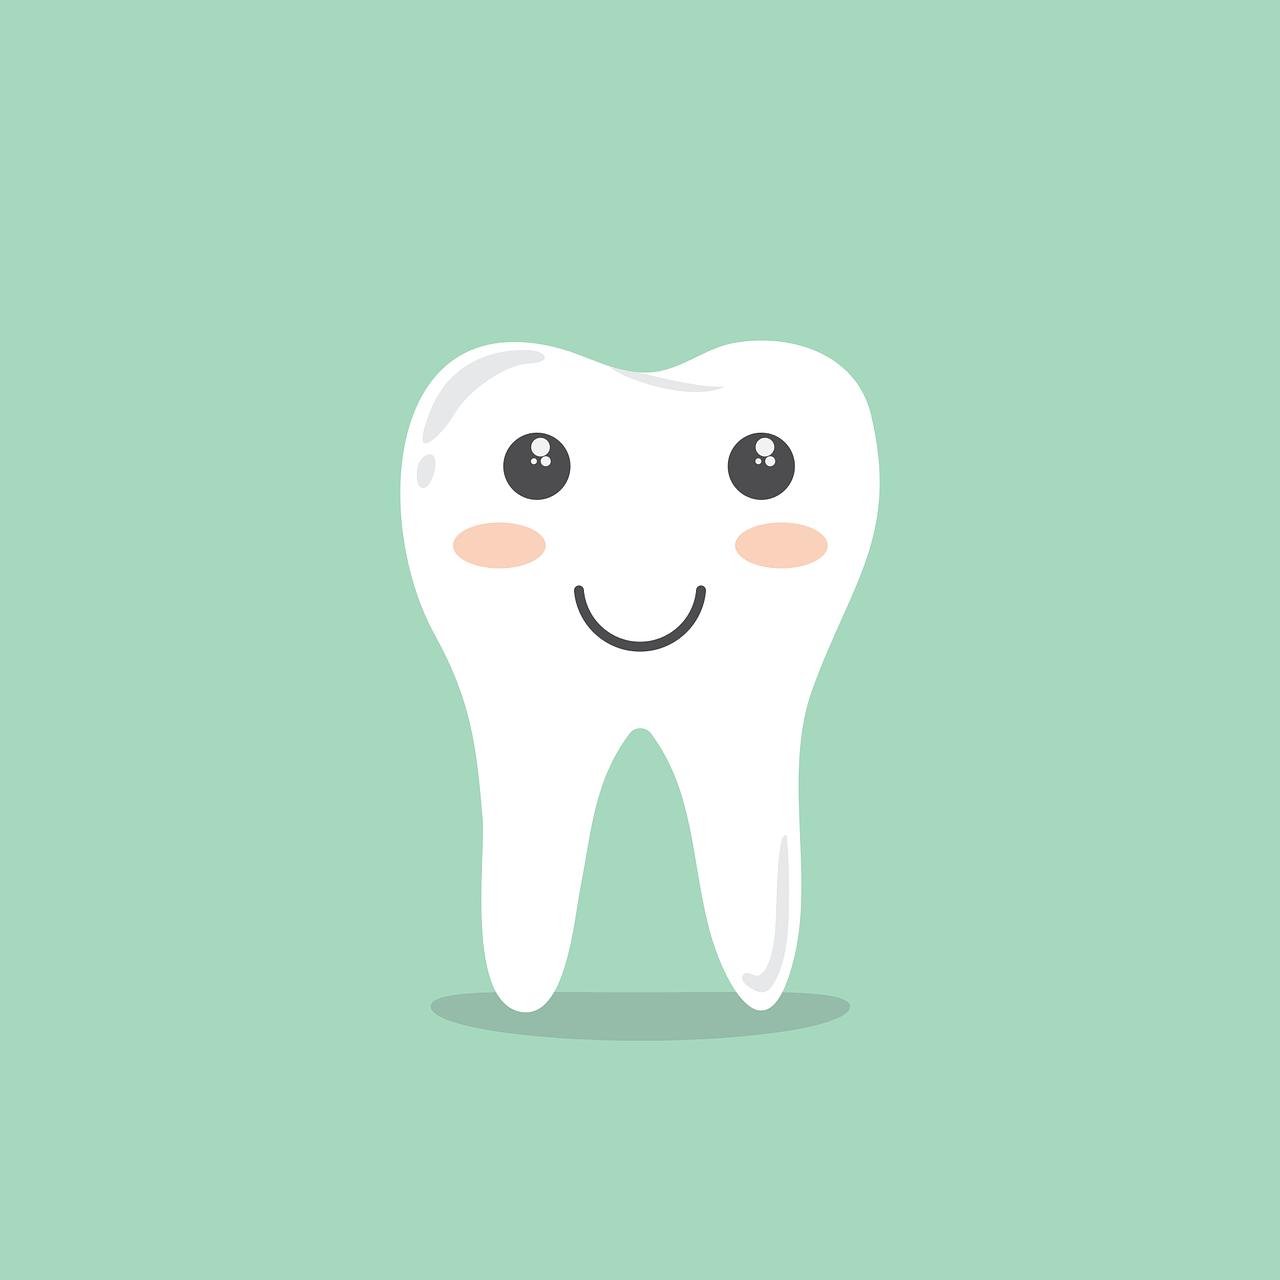 Jak często nitkować zęby? Czy nitkowanie może być szkodliwe?